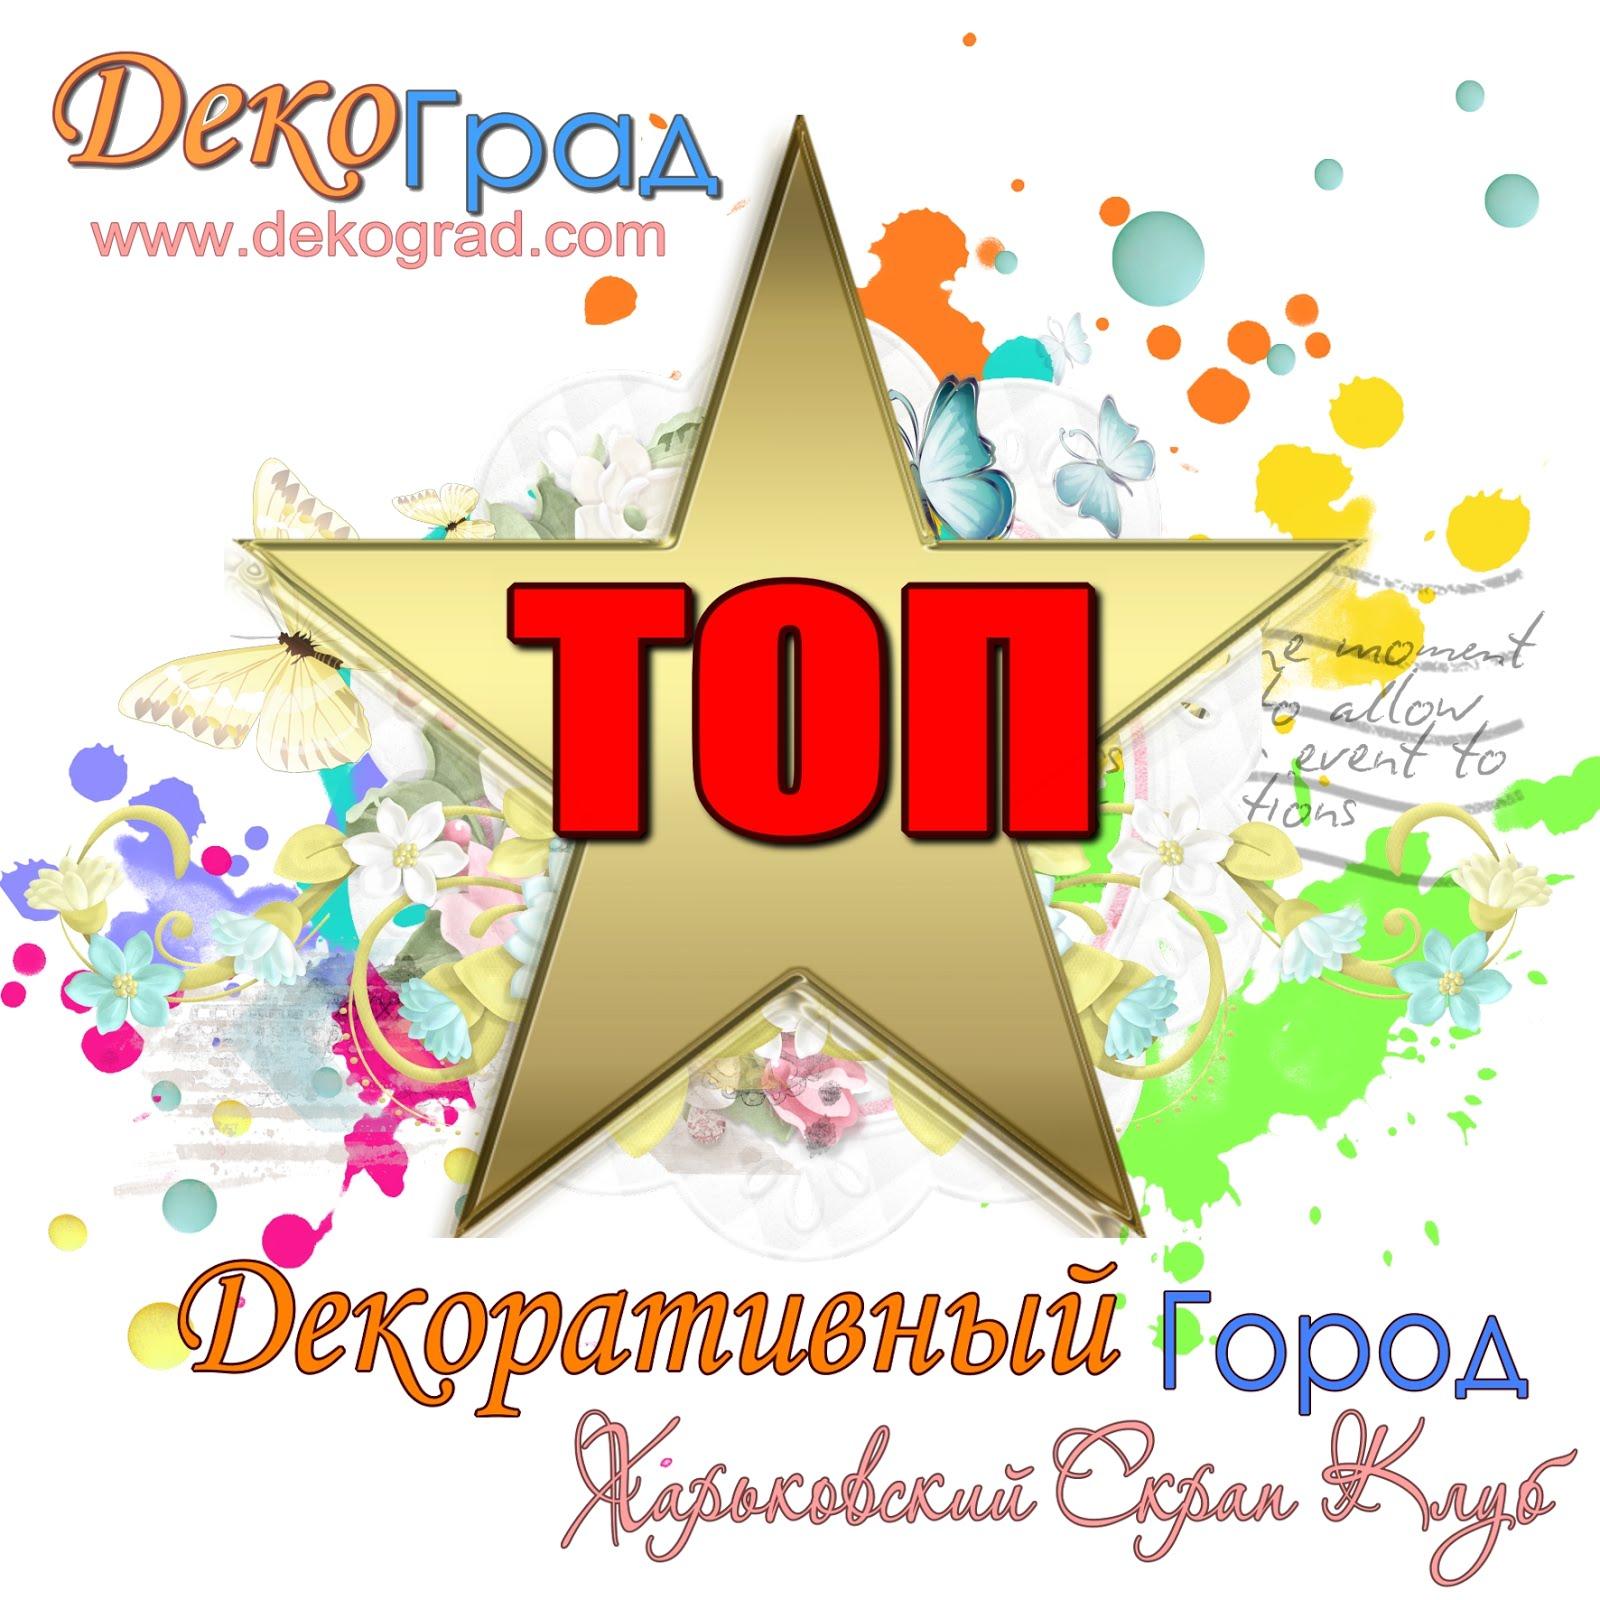 """Четвертый этап СП """"Миксуем"""""""